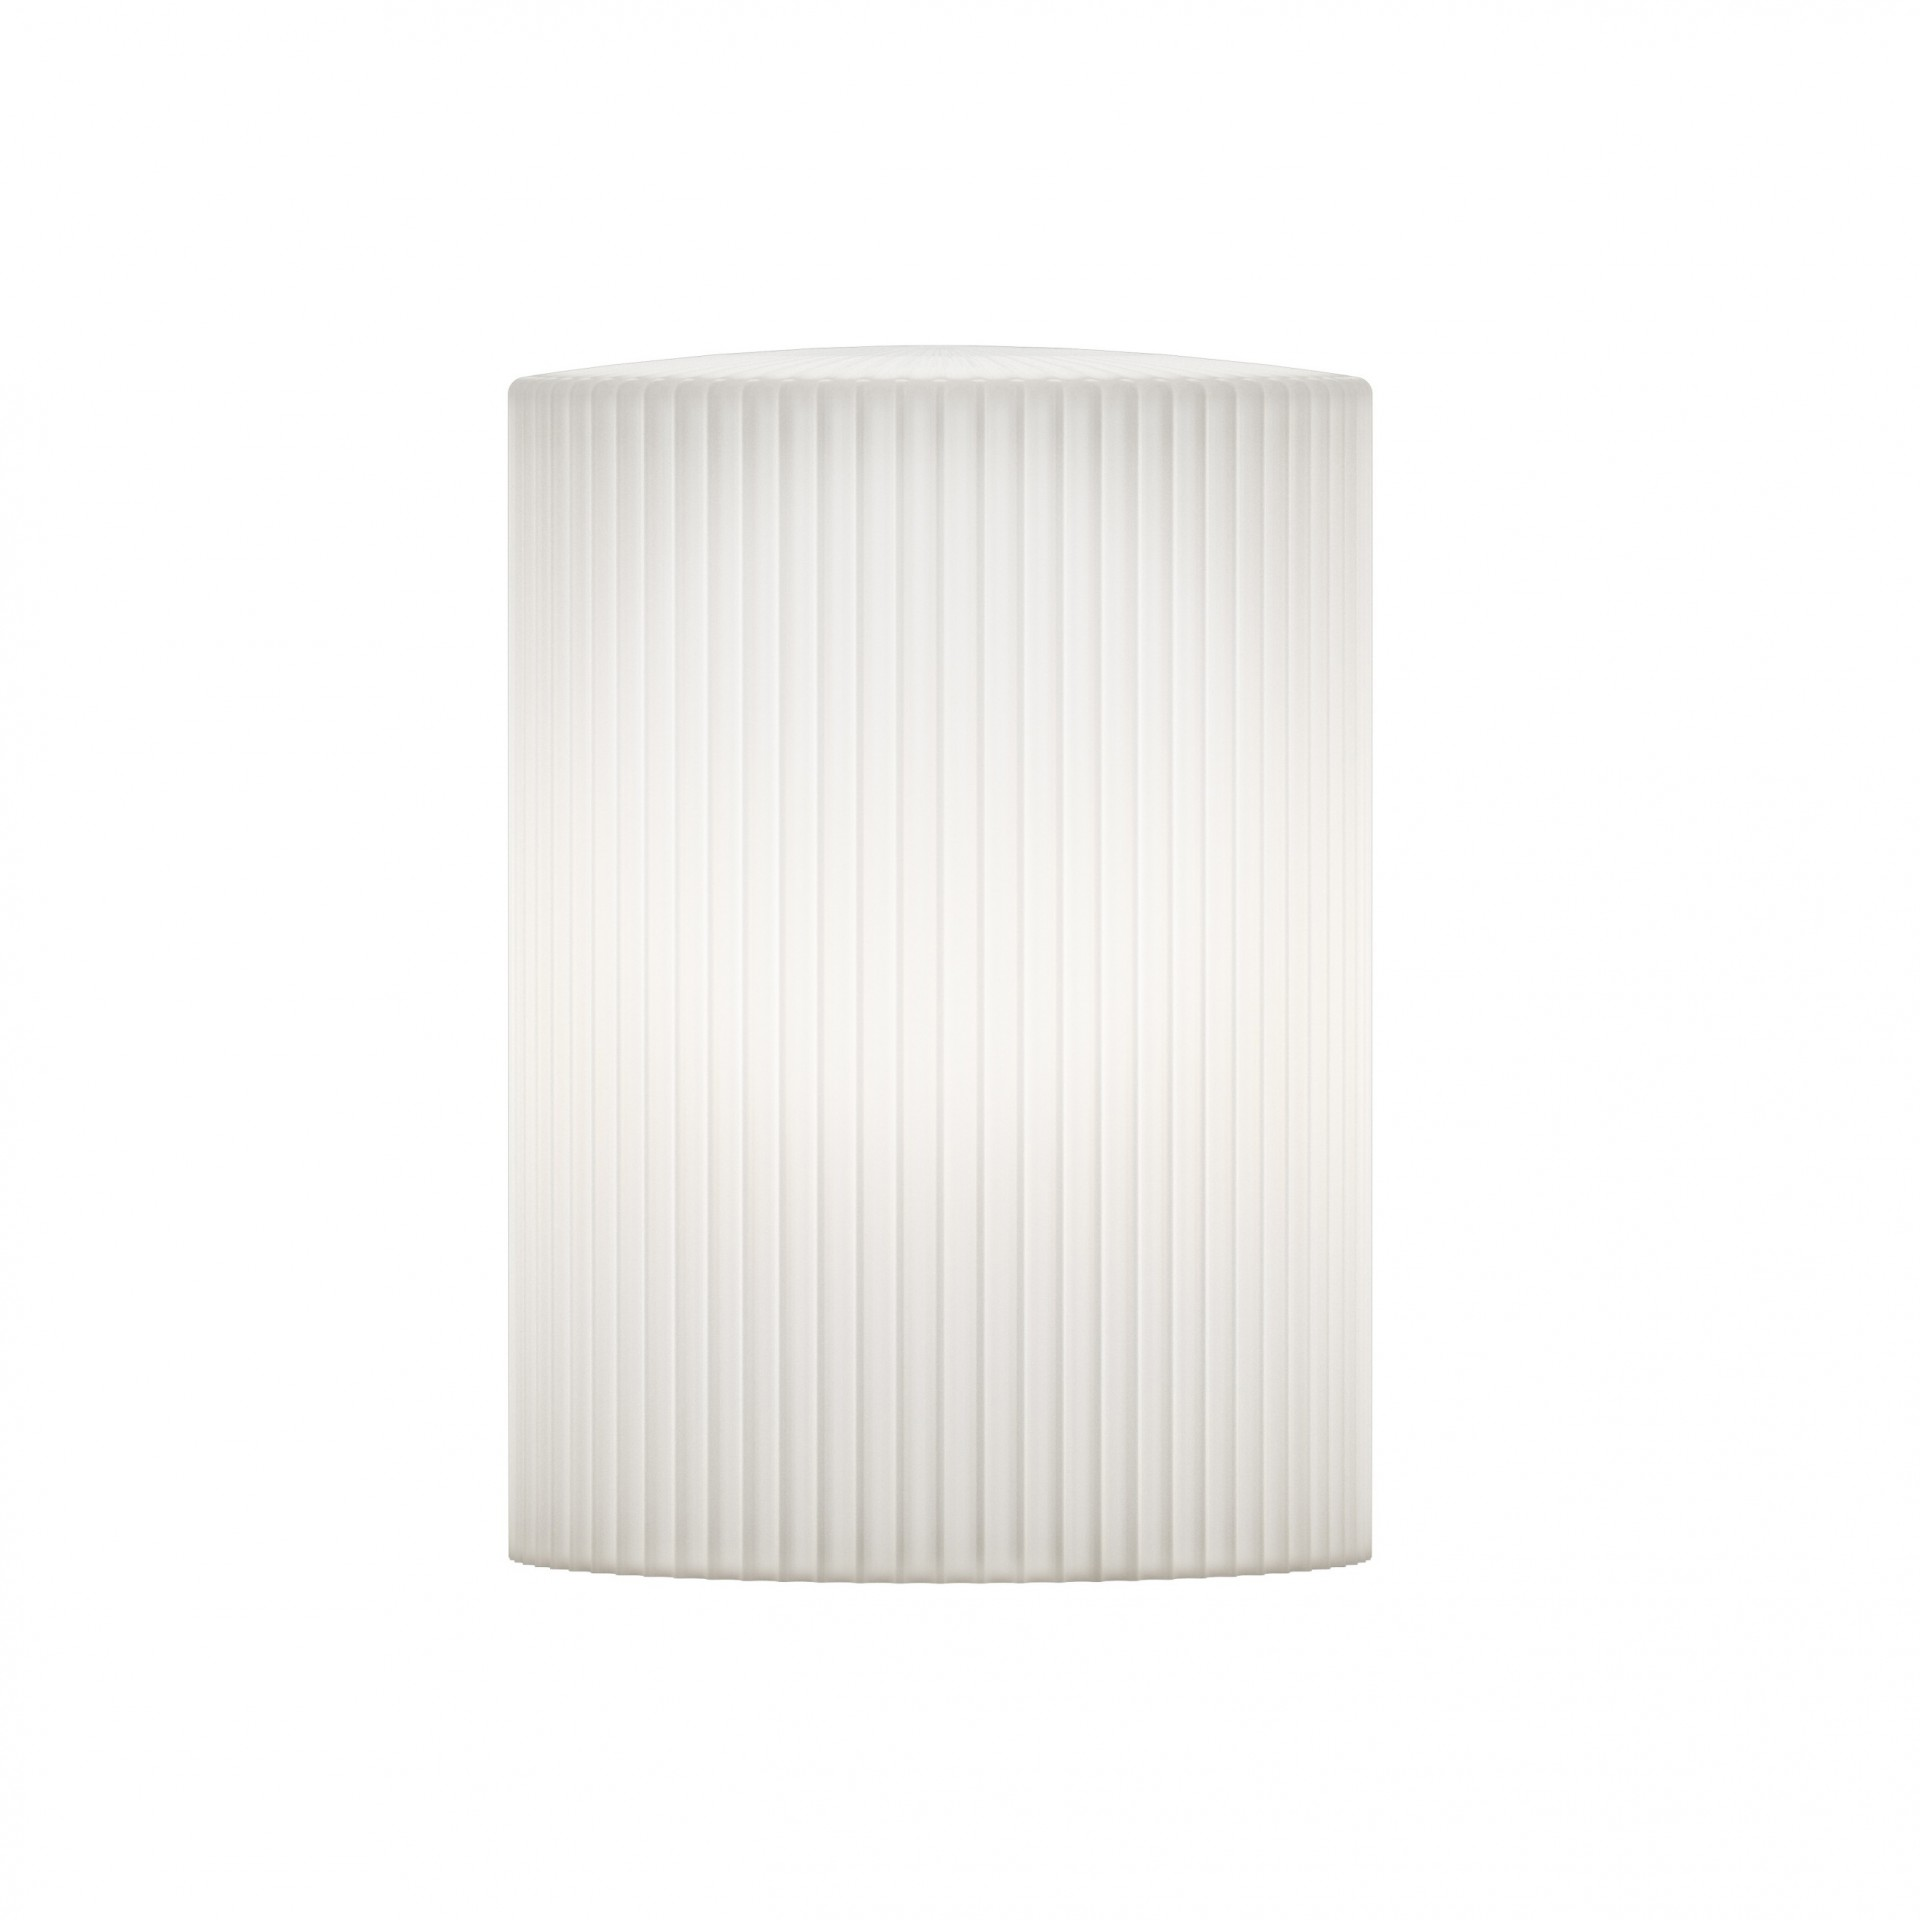 Candeeiro de tecto Riplles Cusp, branco, Ø15x21